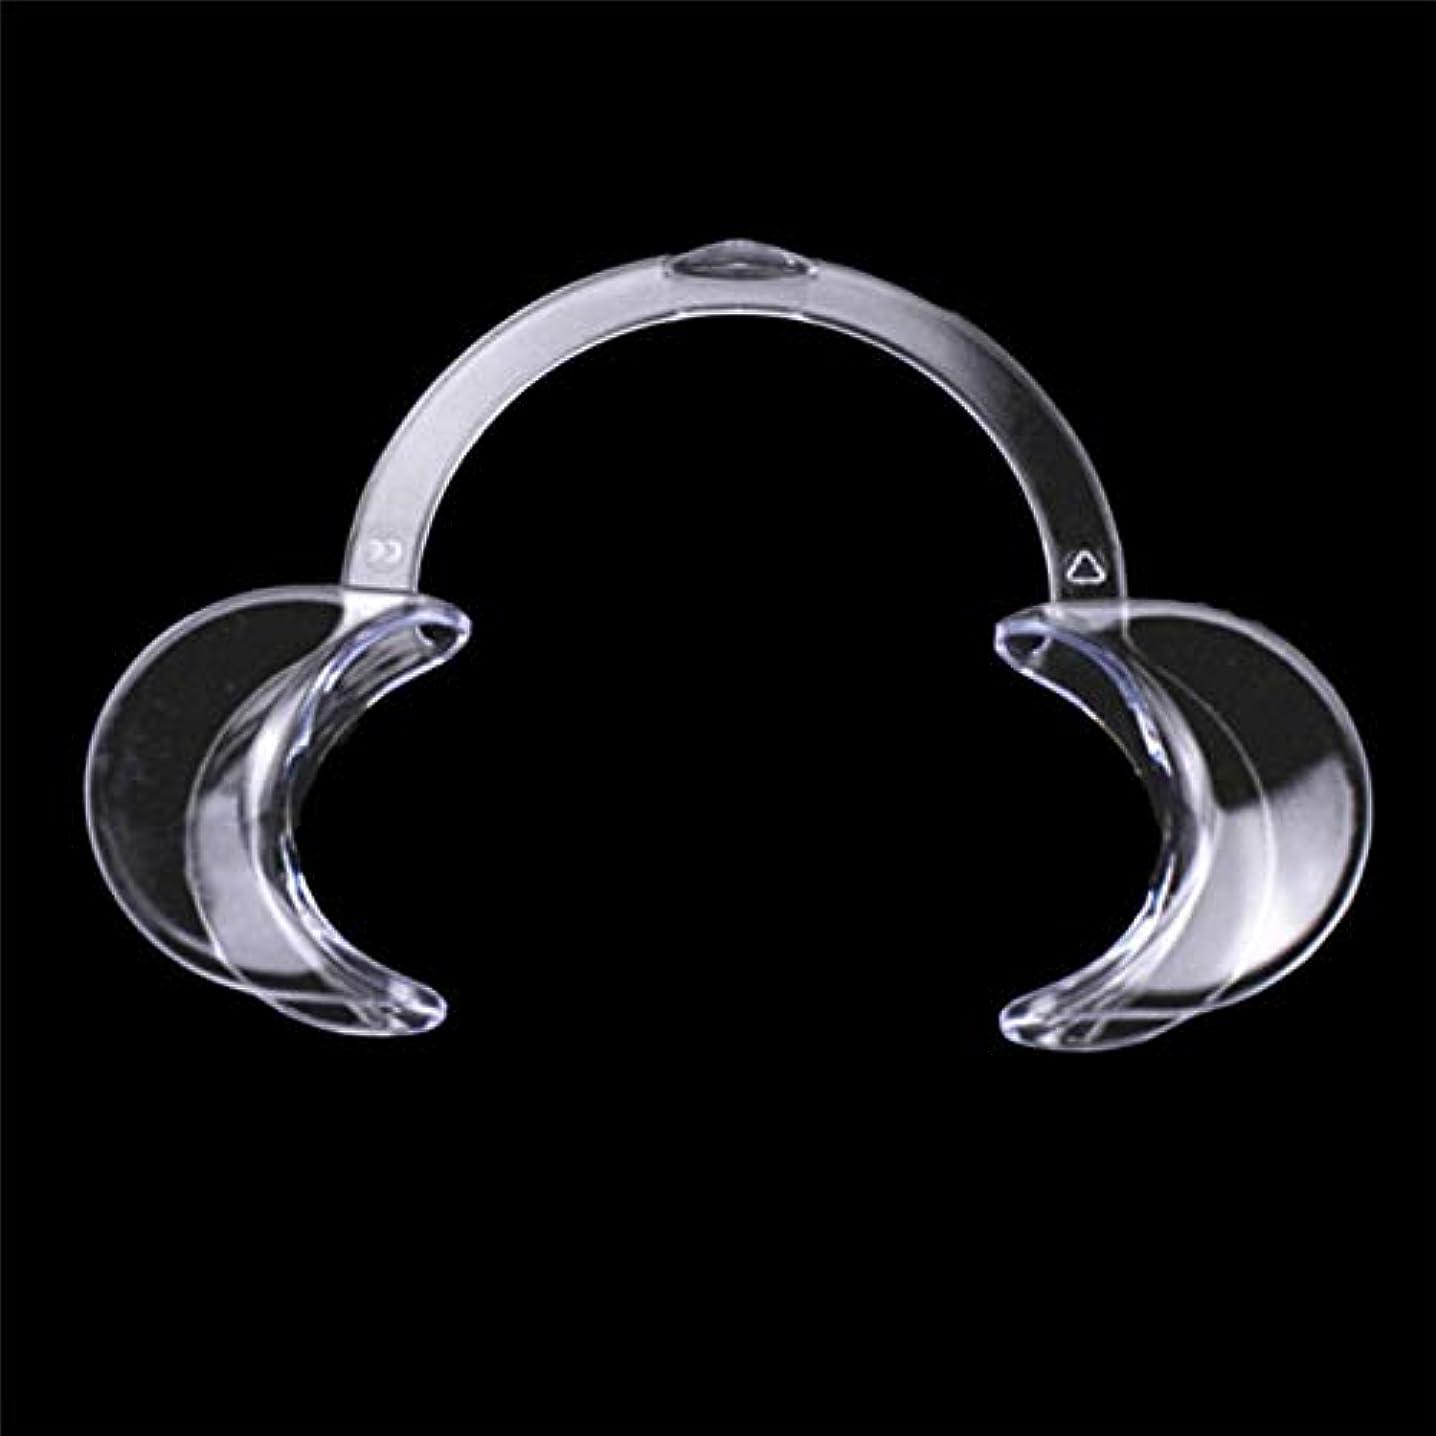 パテ歯科のメキシコDC パック 歯科 C型 開口器 口オープナー マウスオープナー 開口マウスオープナー C型ホワイトニング口の開創器